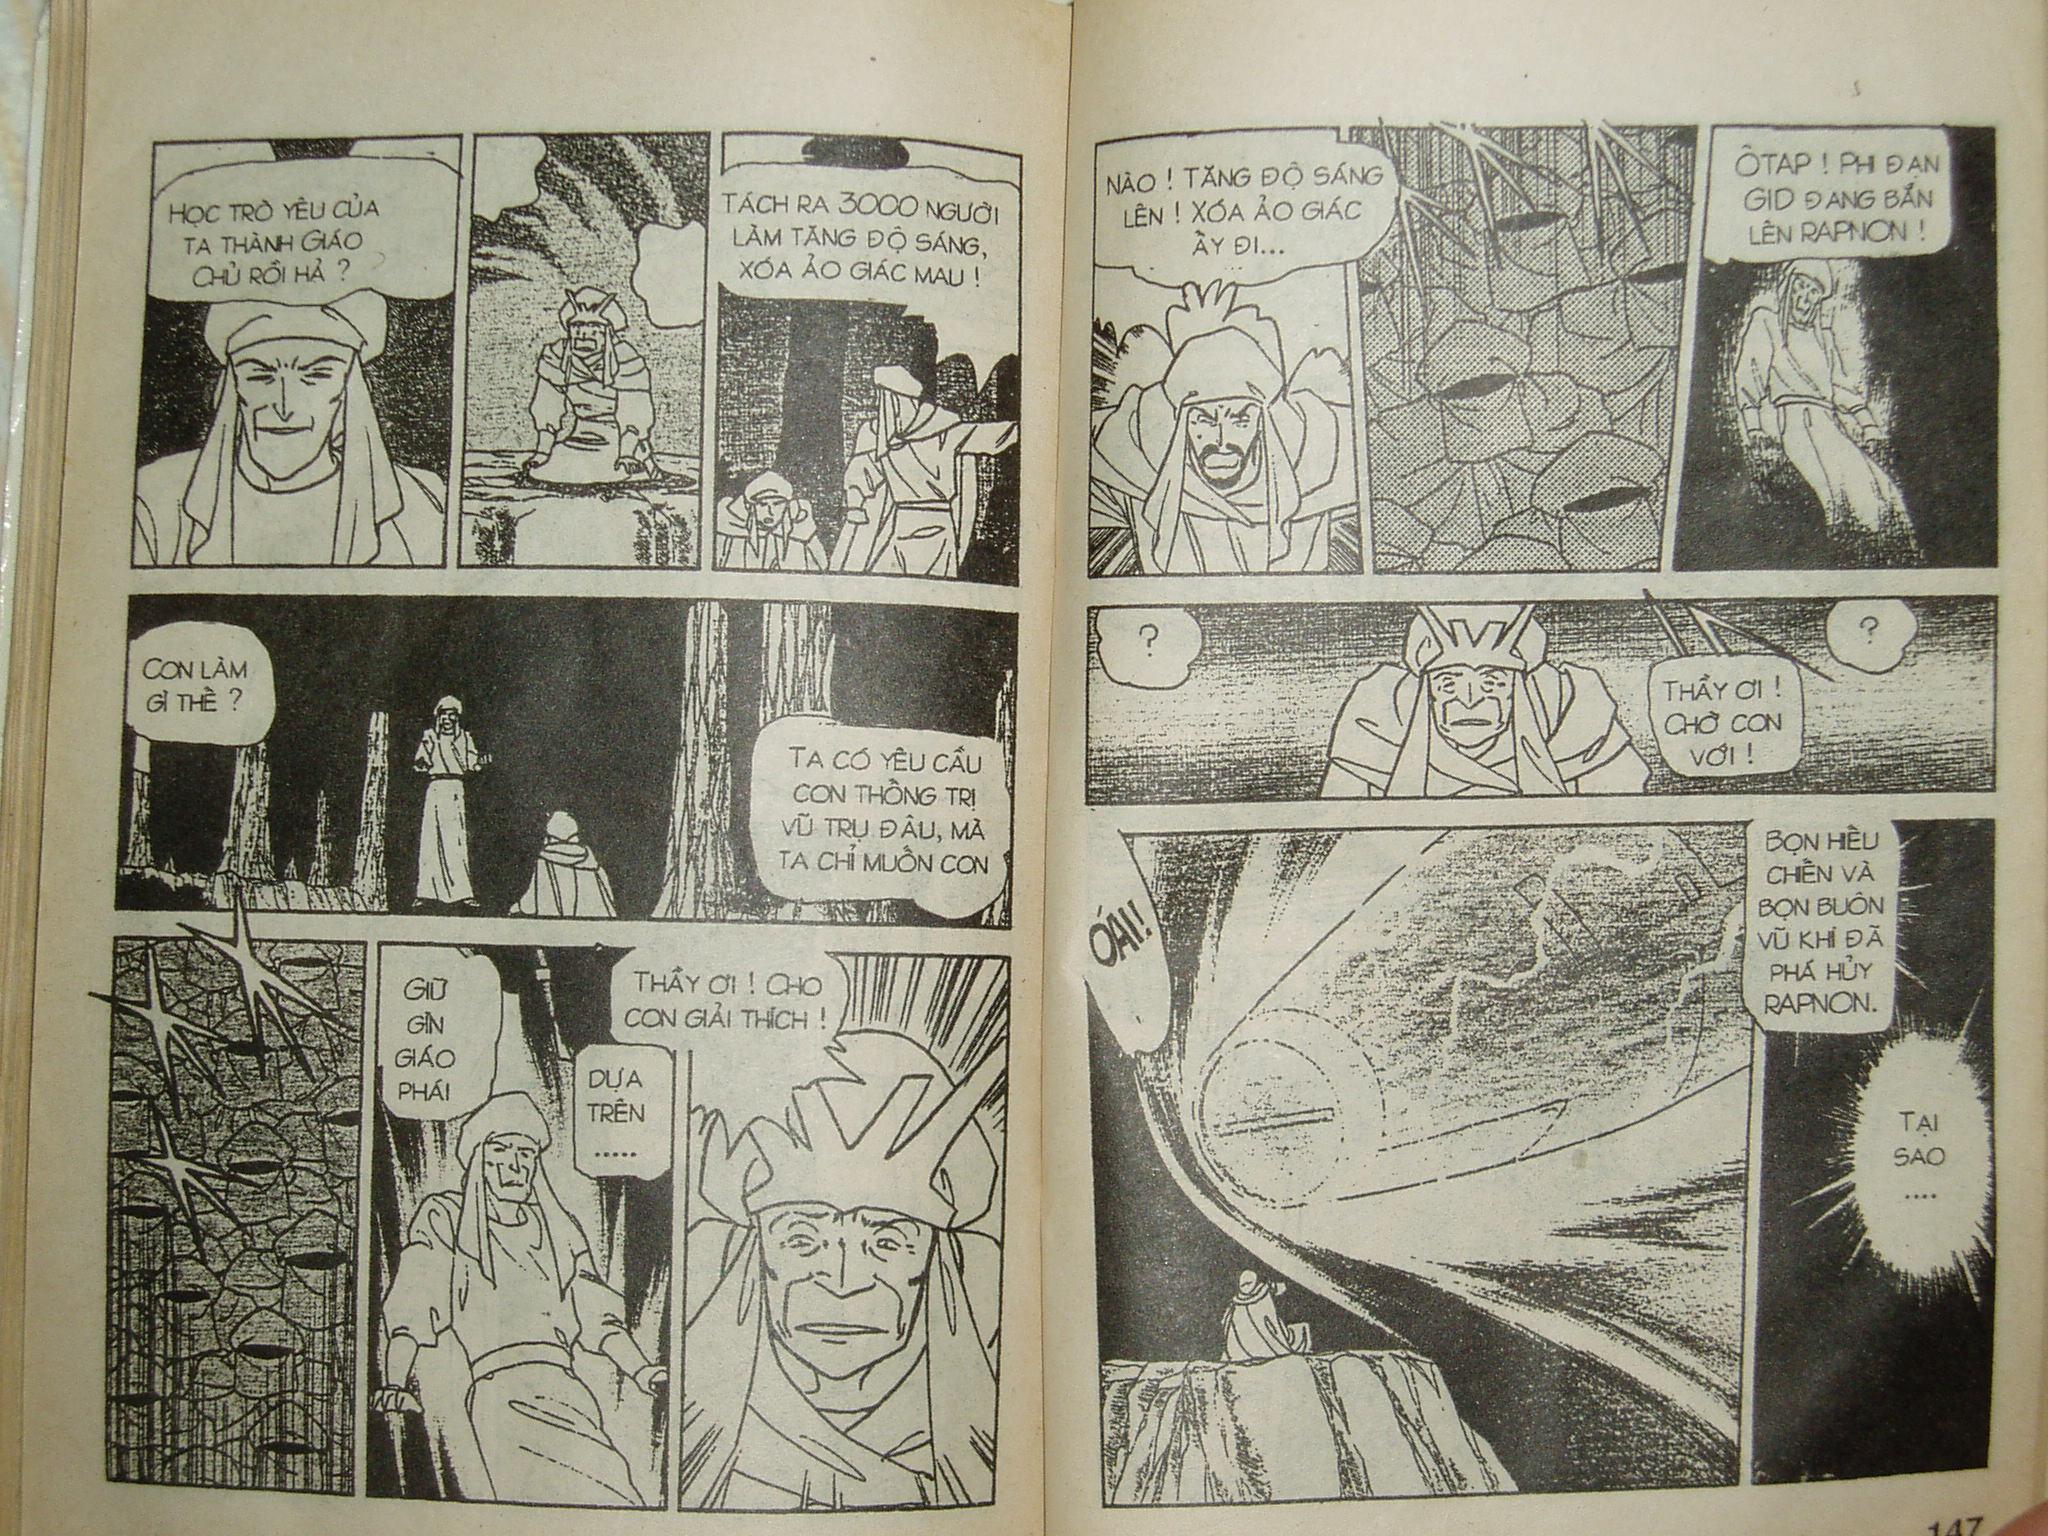 Siêu nhân Locke vol 17 trang 71